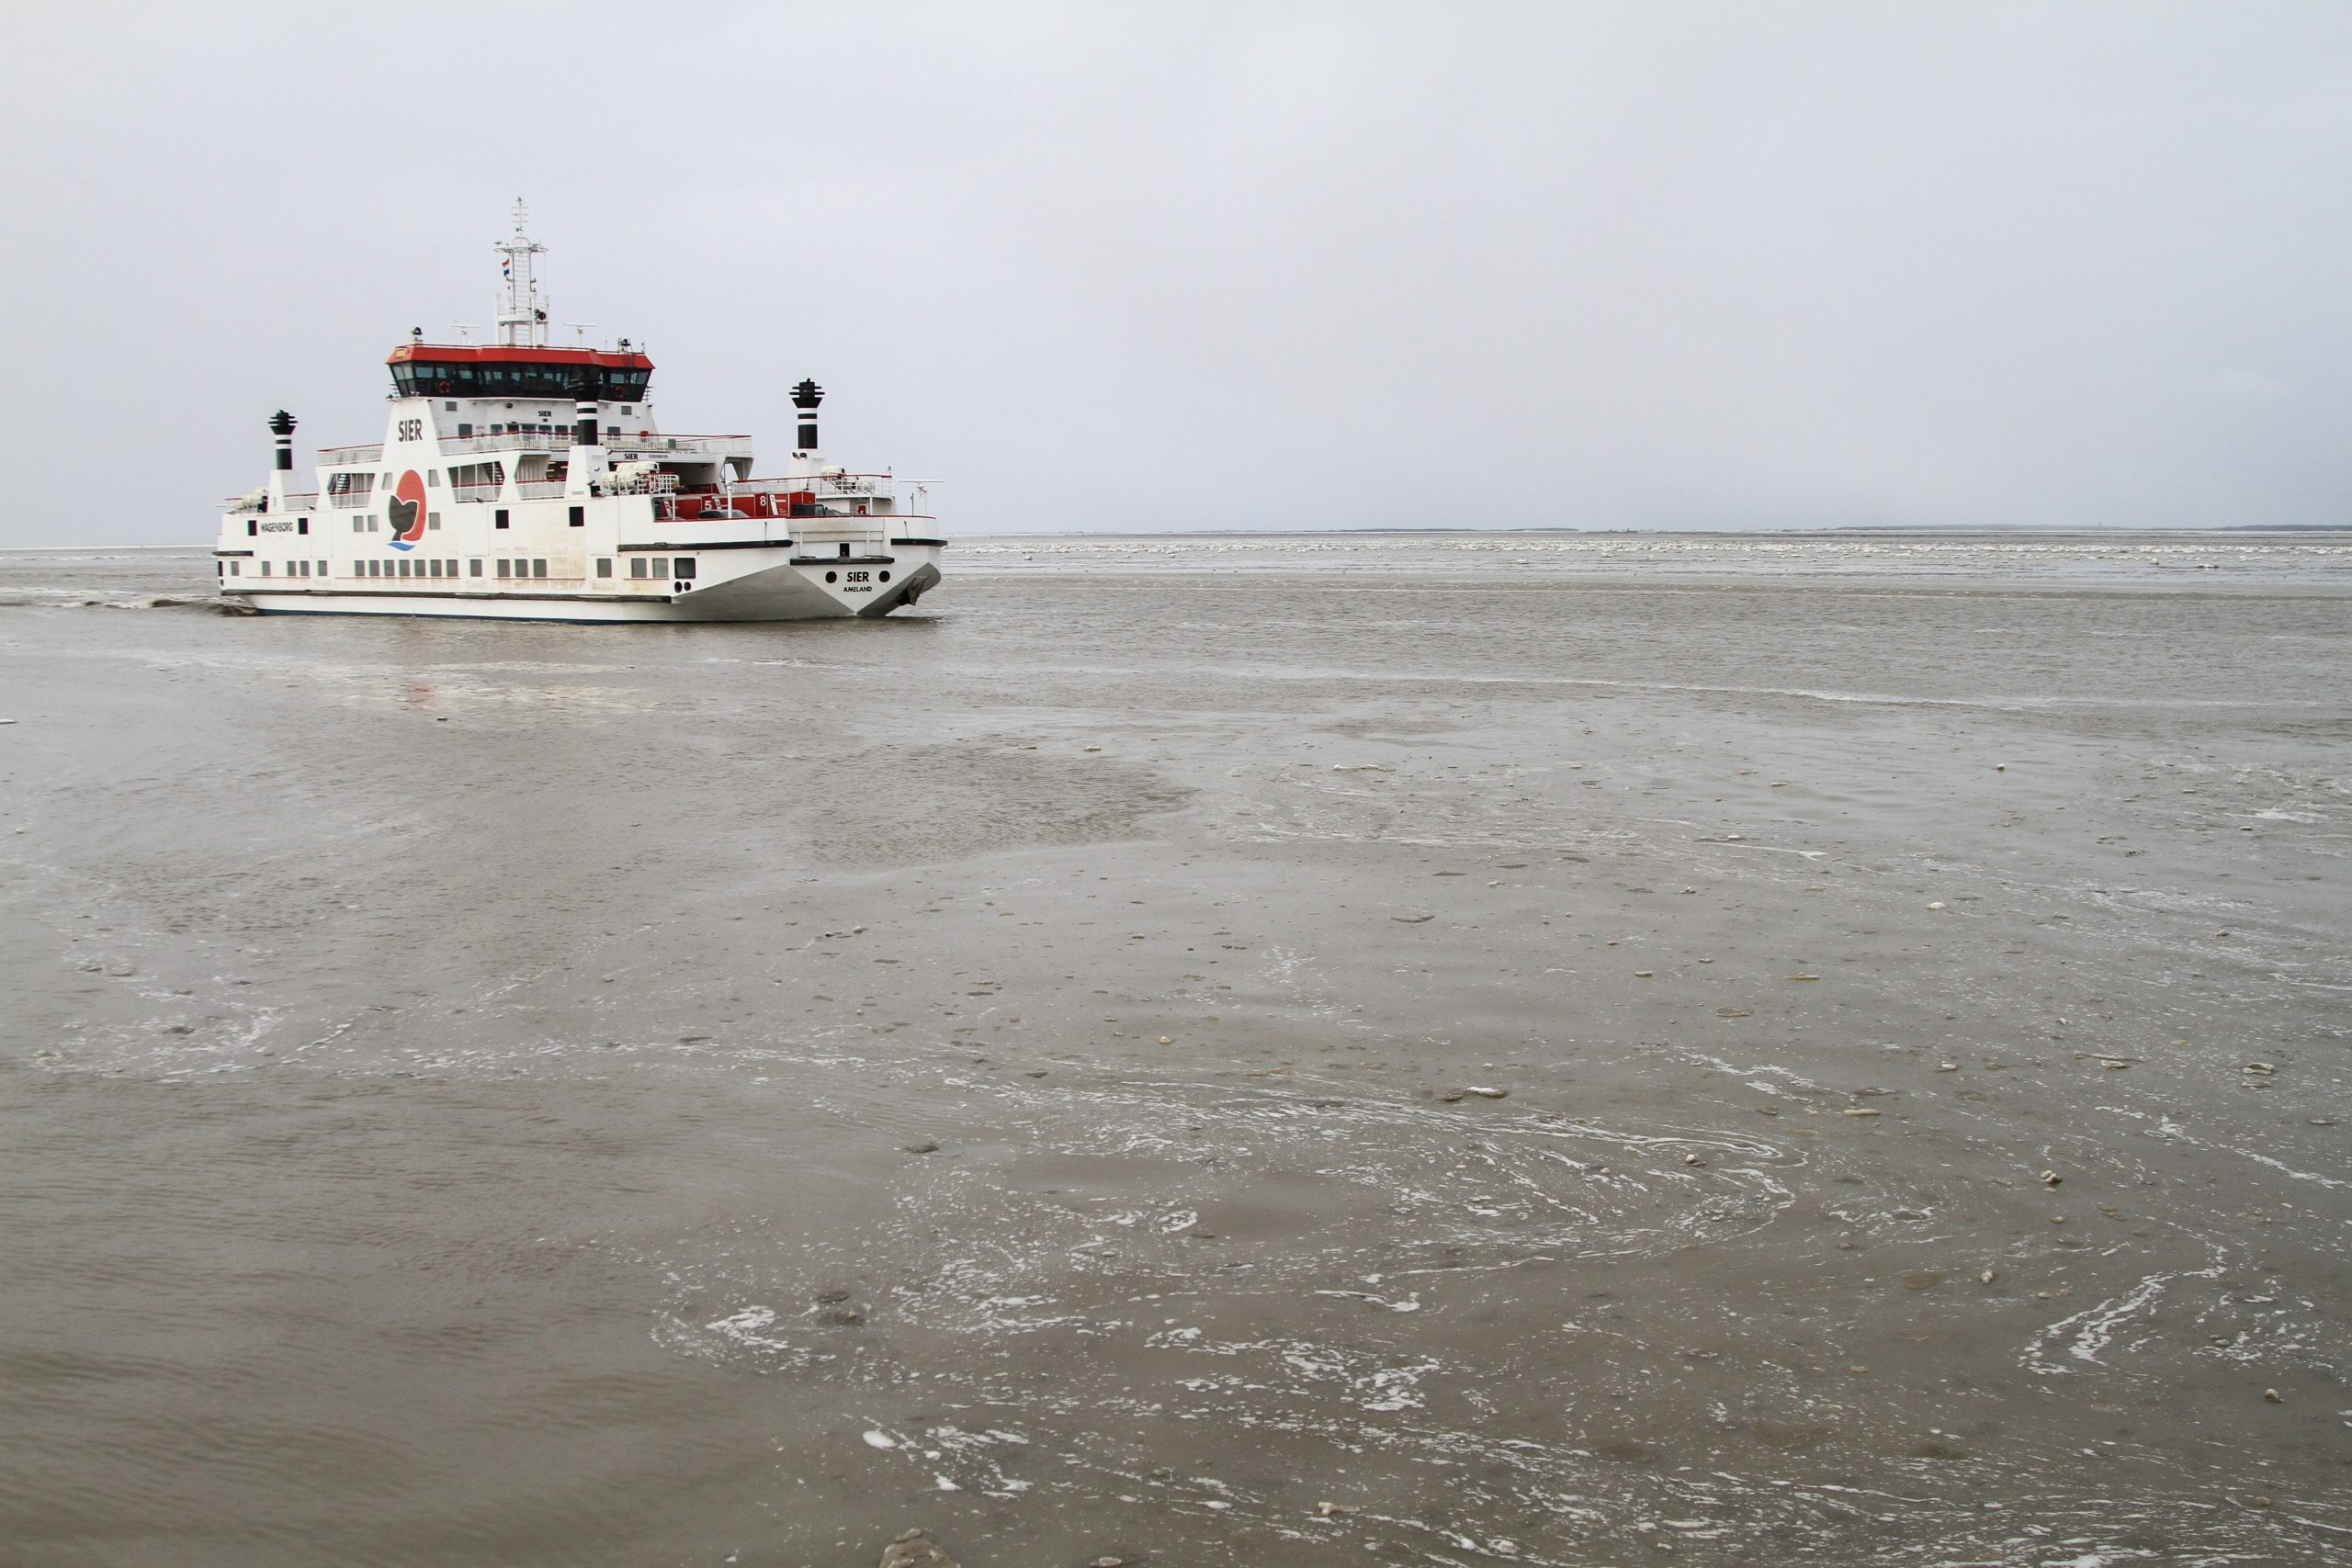 Rijkswaterstaat zet ijsbrekers in om de vaarwegen bevaarbaar te houden. (Foto ANP)